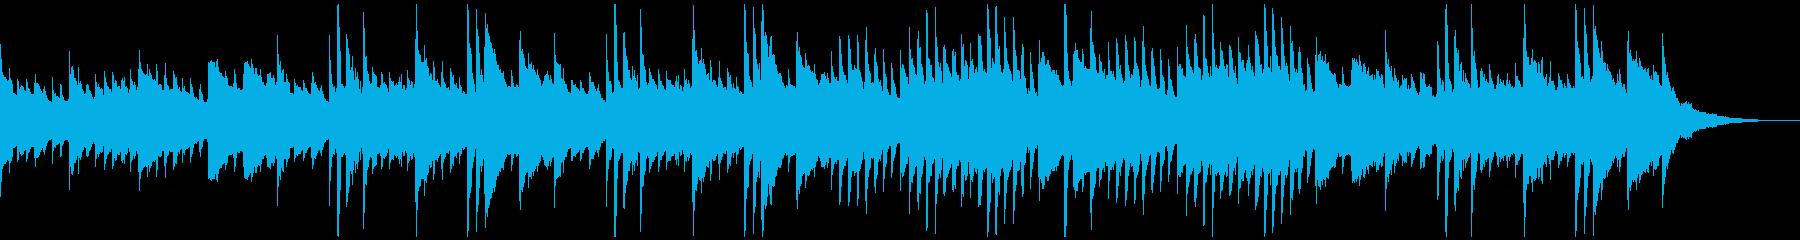 現代的 交響曲 室内楽 ロマンチッ...の再生済みの波形